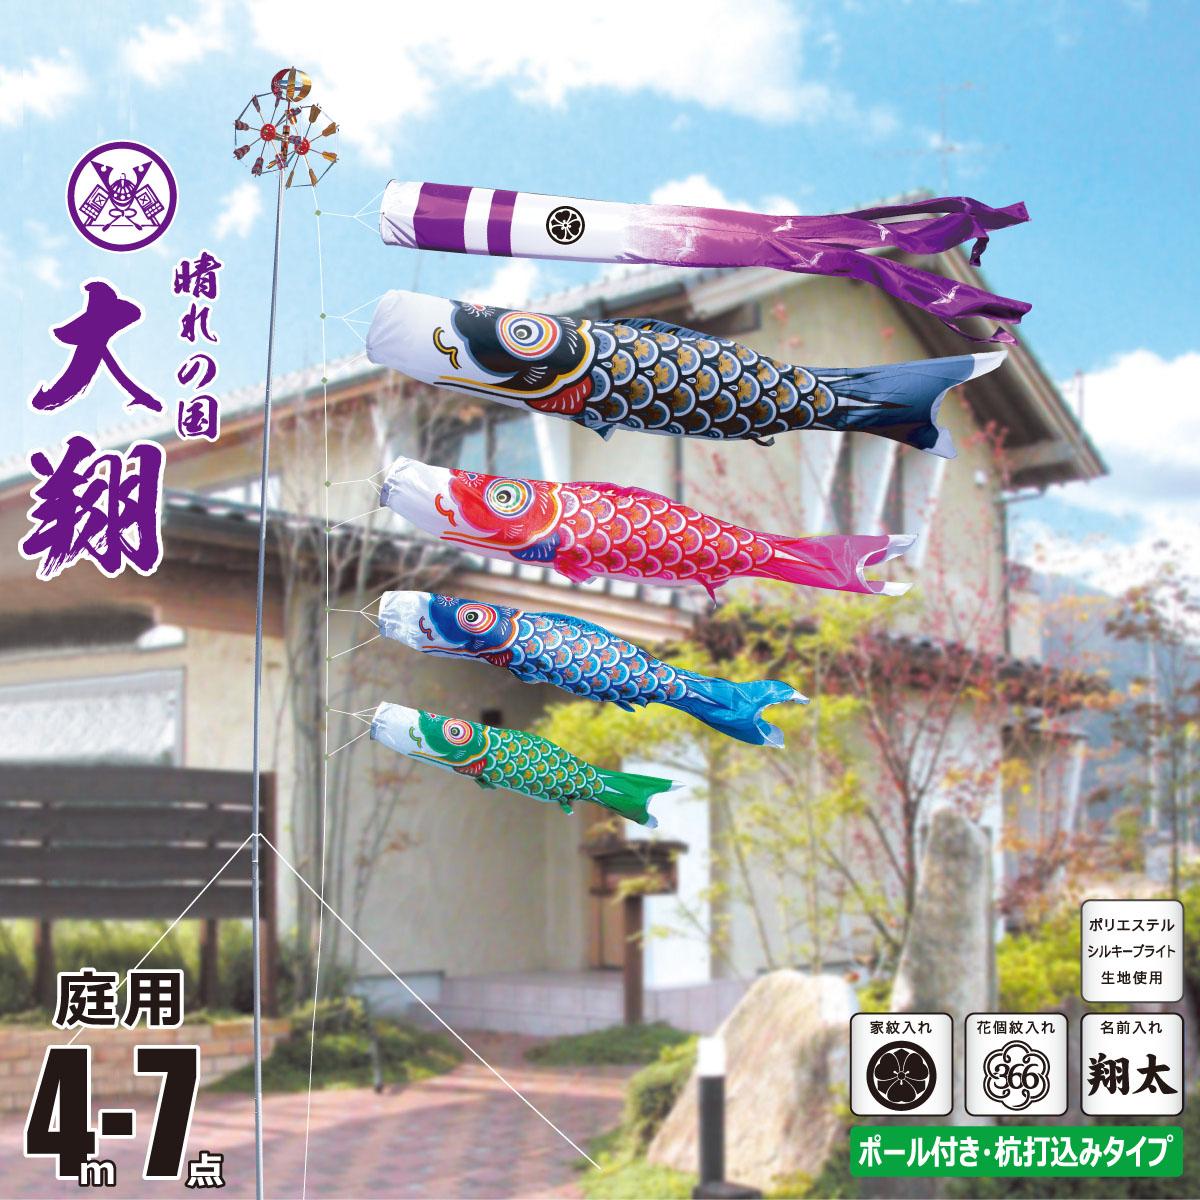 こいのぼり 4m 大翔 7点 (矢車、ロープ、吹流し、鯉4匹) 庭園用 ガーデンセット (専用ポール一式) 徳永鯉のぼり KIT-003-879